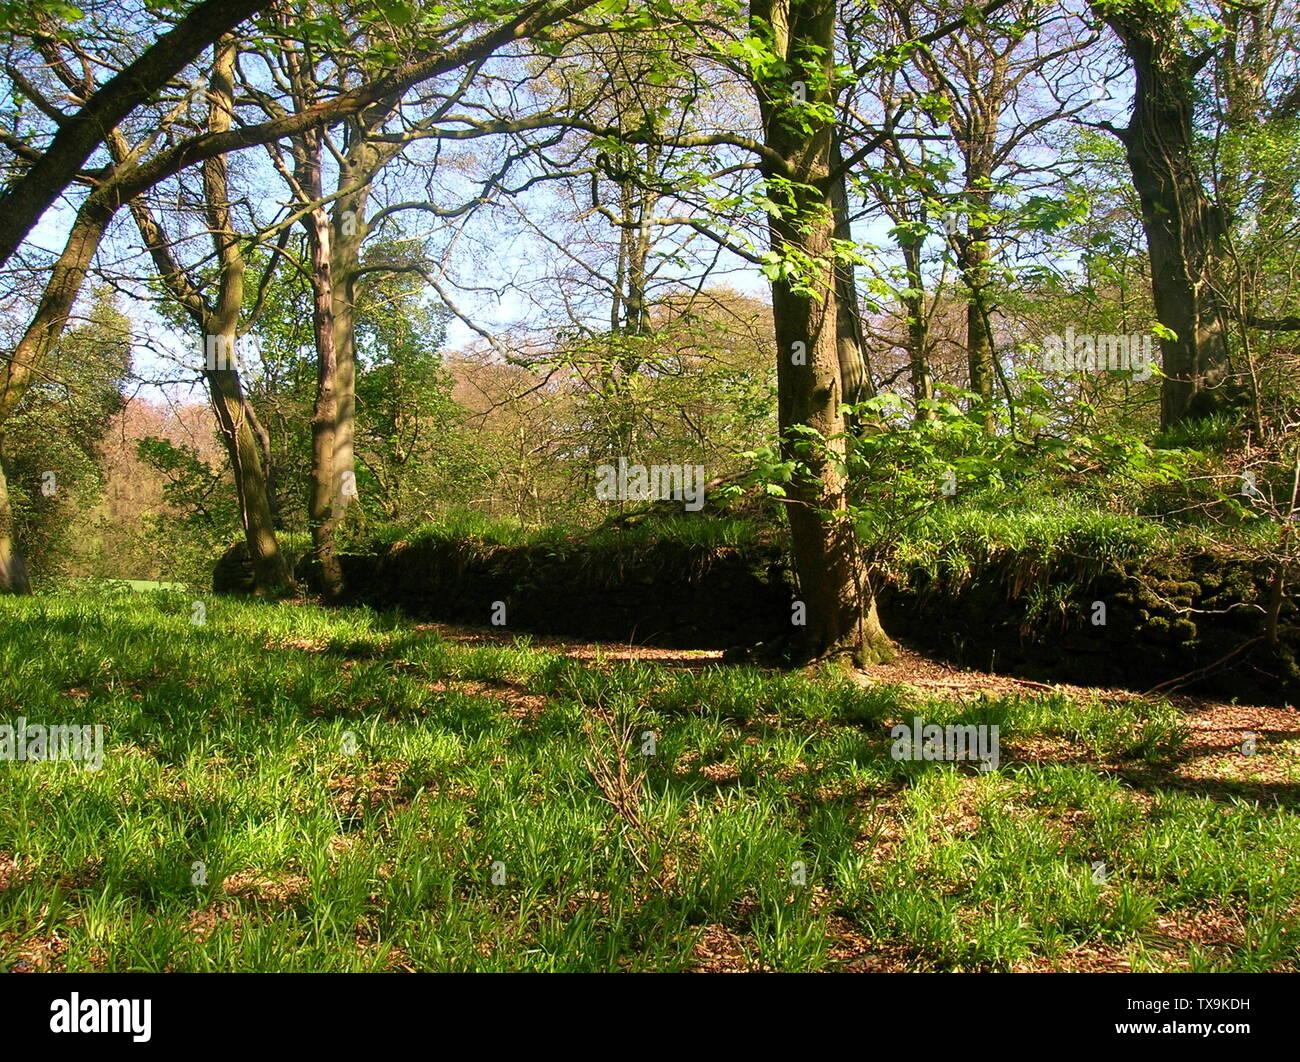 """""""Inglés: Una vista del antiguo castillo en el Montgreenan Lugton agua en North Ayrshire, Escocia. 2007. El muro circundante es probablemente principalmente.Victoriano Rosser 12:26, 27 de abril de 2007 (UTC); el 27 de abril de 2007 (fecha de carga original); propio workTransferred desde en.wikipedia; Rosser1954 en en.wikipedia; ' Imagen De Stock"""